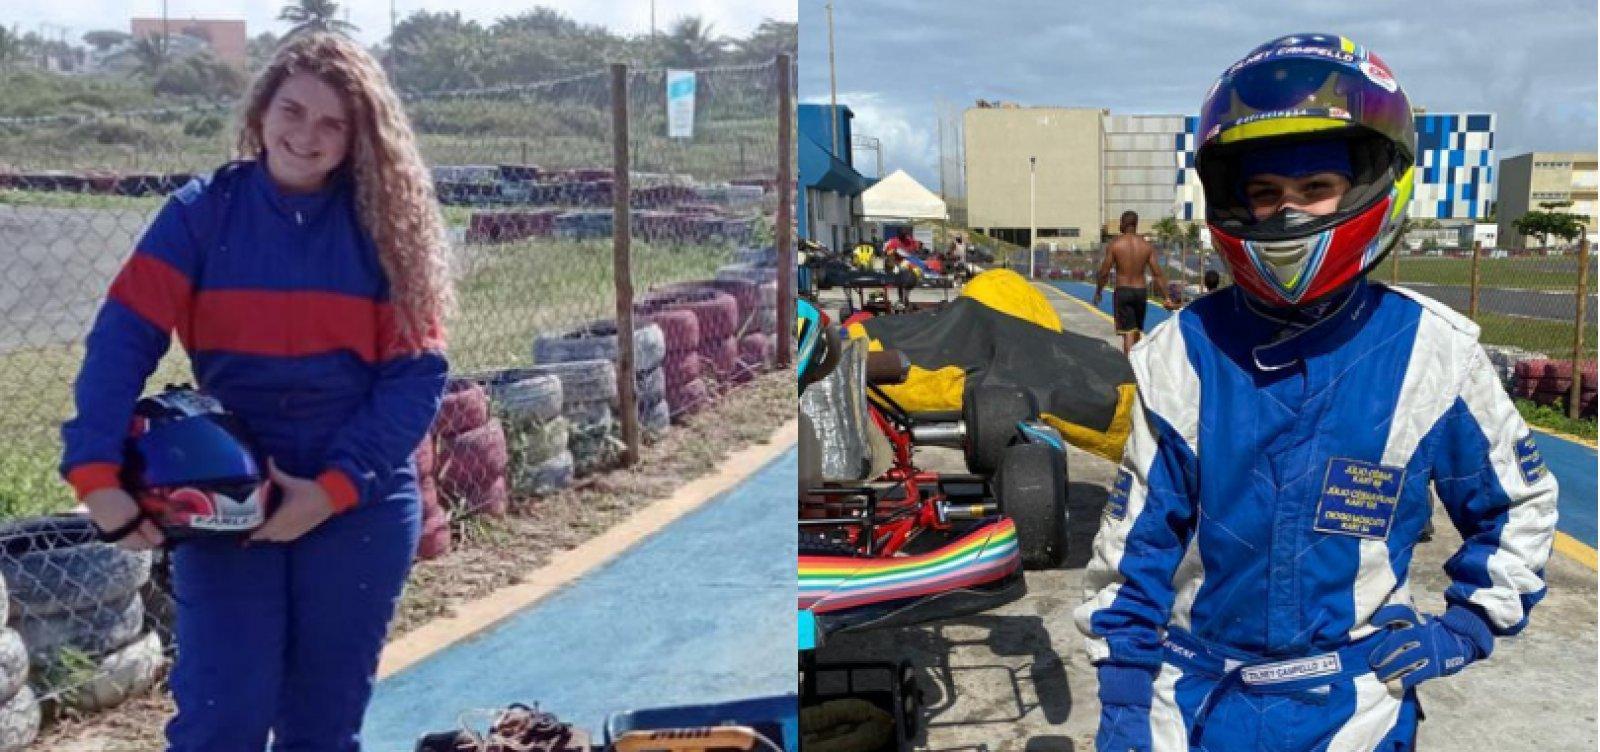 Promessas no kart da Bahia, jovens pilotas lutam contra machismo no esporte